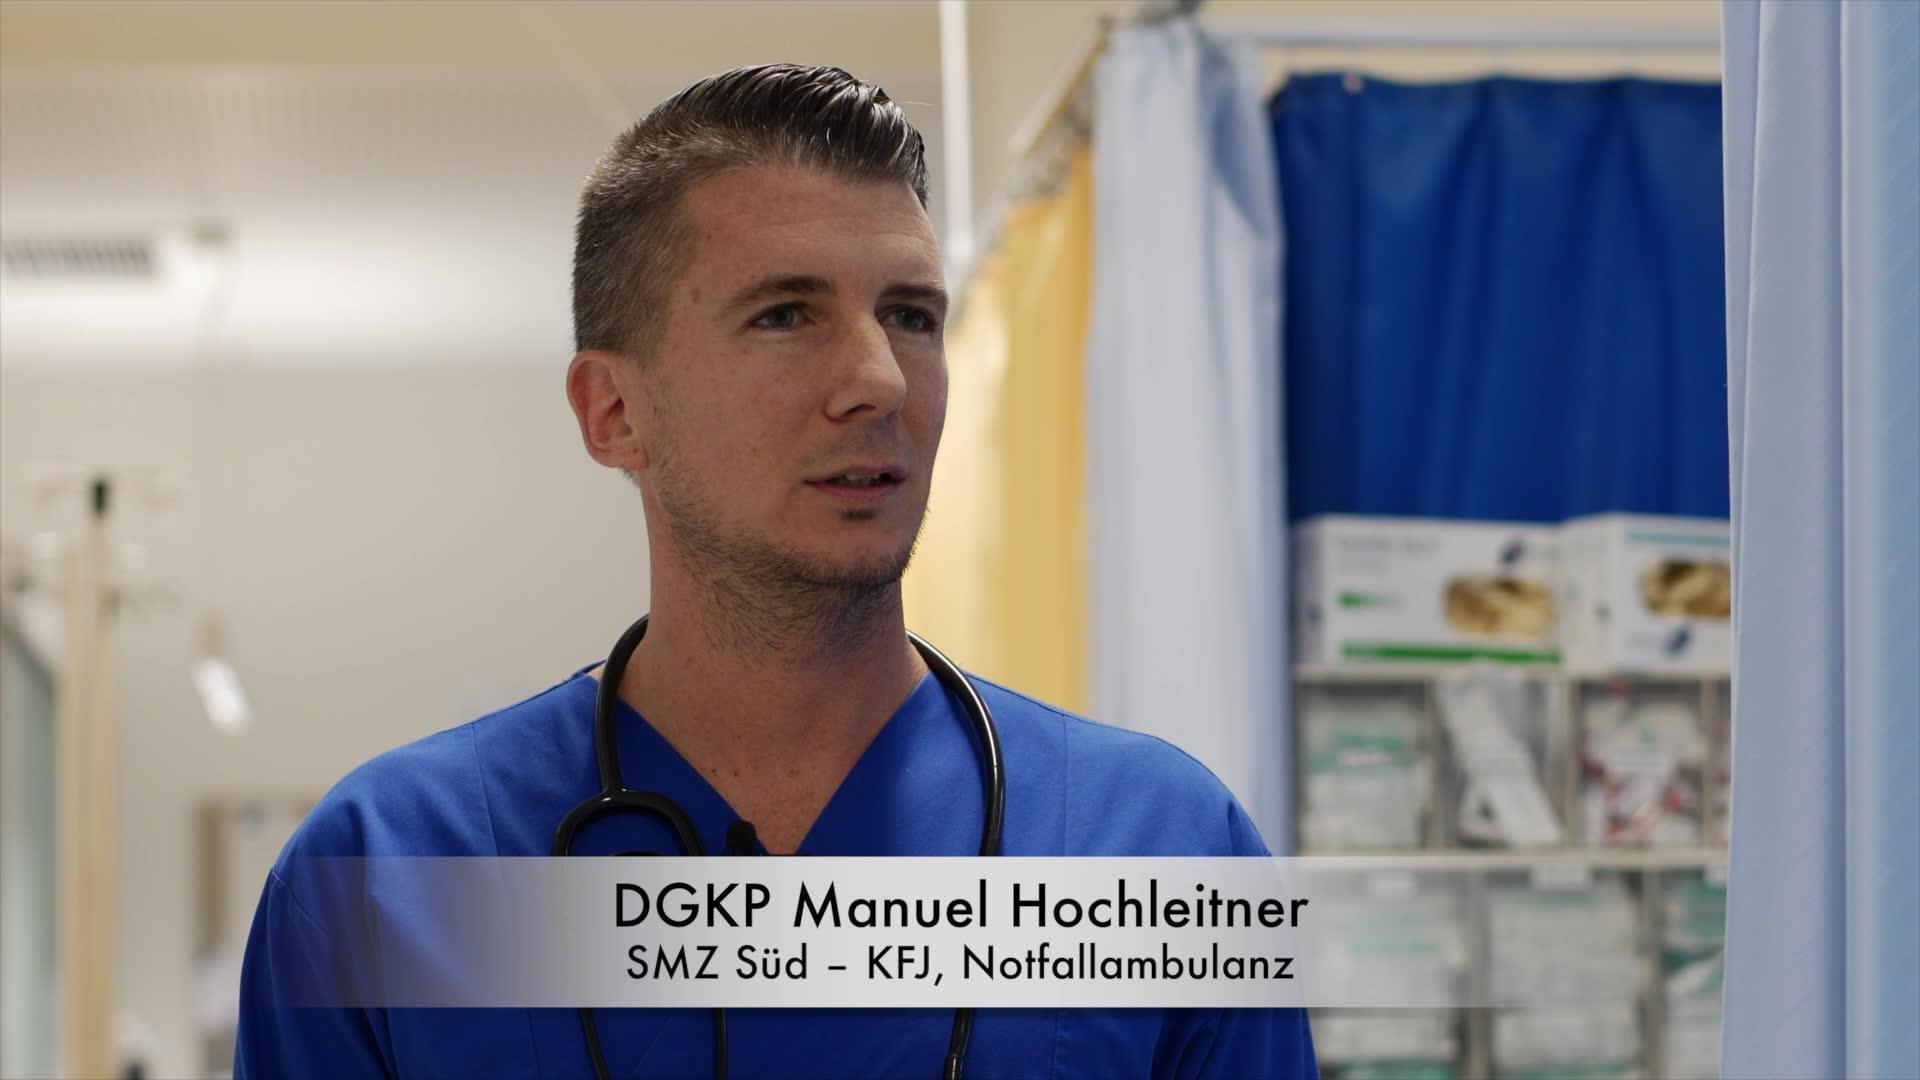 DiplomierteR Gesundheits- und KrankenpflegerIn (Psychiatrische Gesundheits- und Krankenpflege) auslaufend ab 31.12.2023